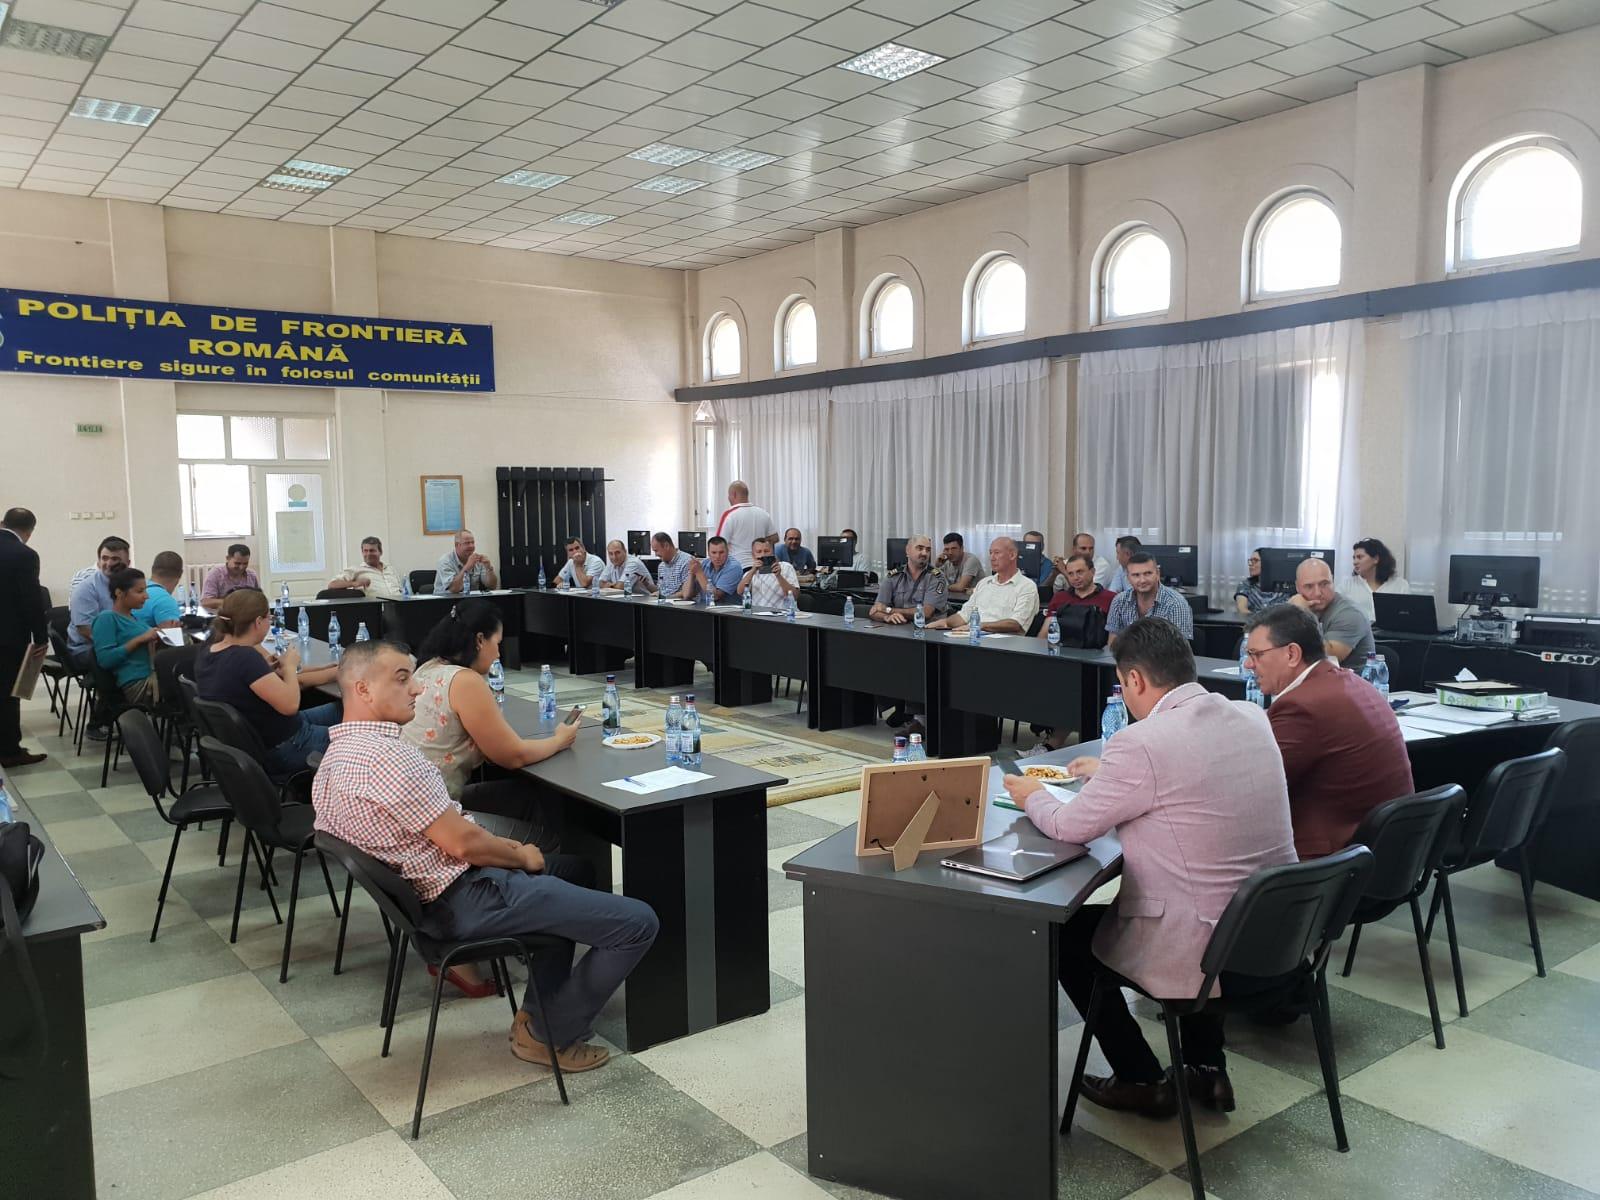 10.08.2018 - Alegeri la Biroul Teritorial SNPPC din cadrul Gărzii de Coastă Tulcea